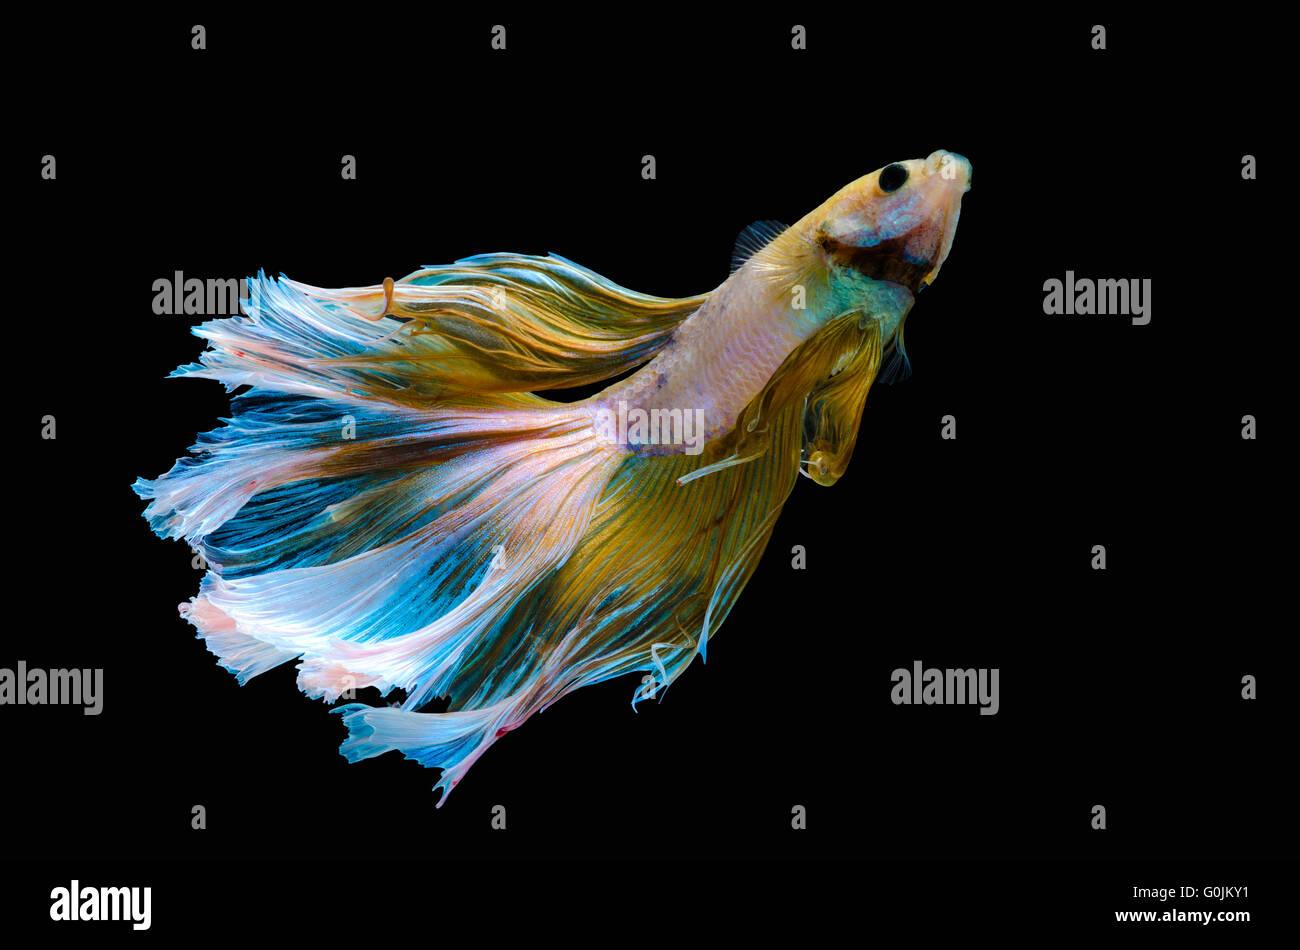 Betta Siamese aquarium fighting fish, black background - Stock Image